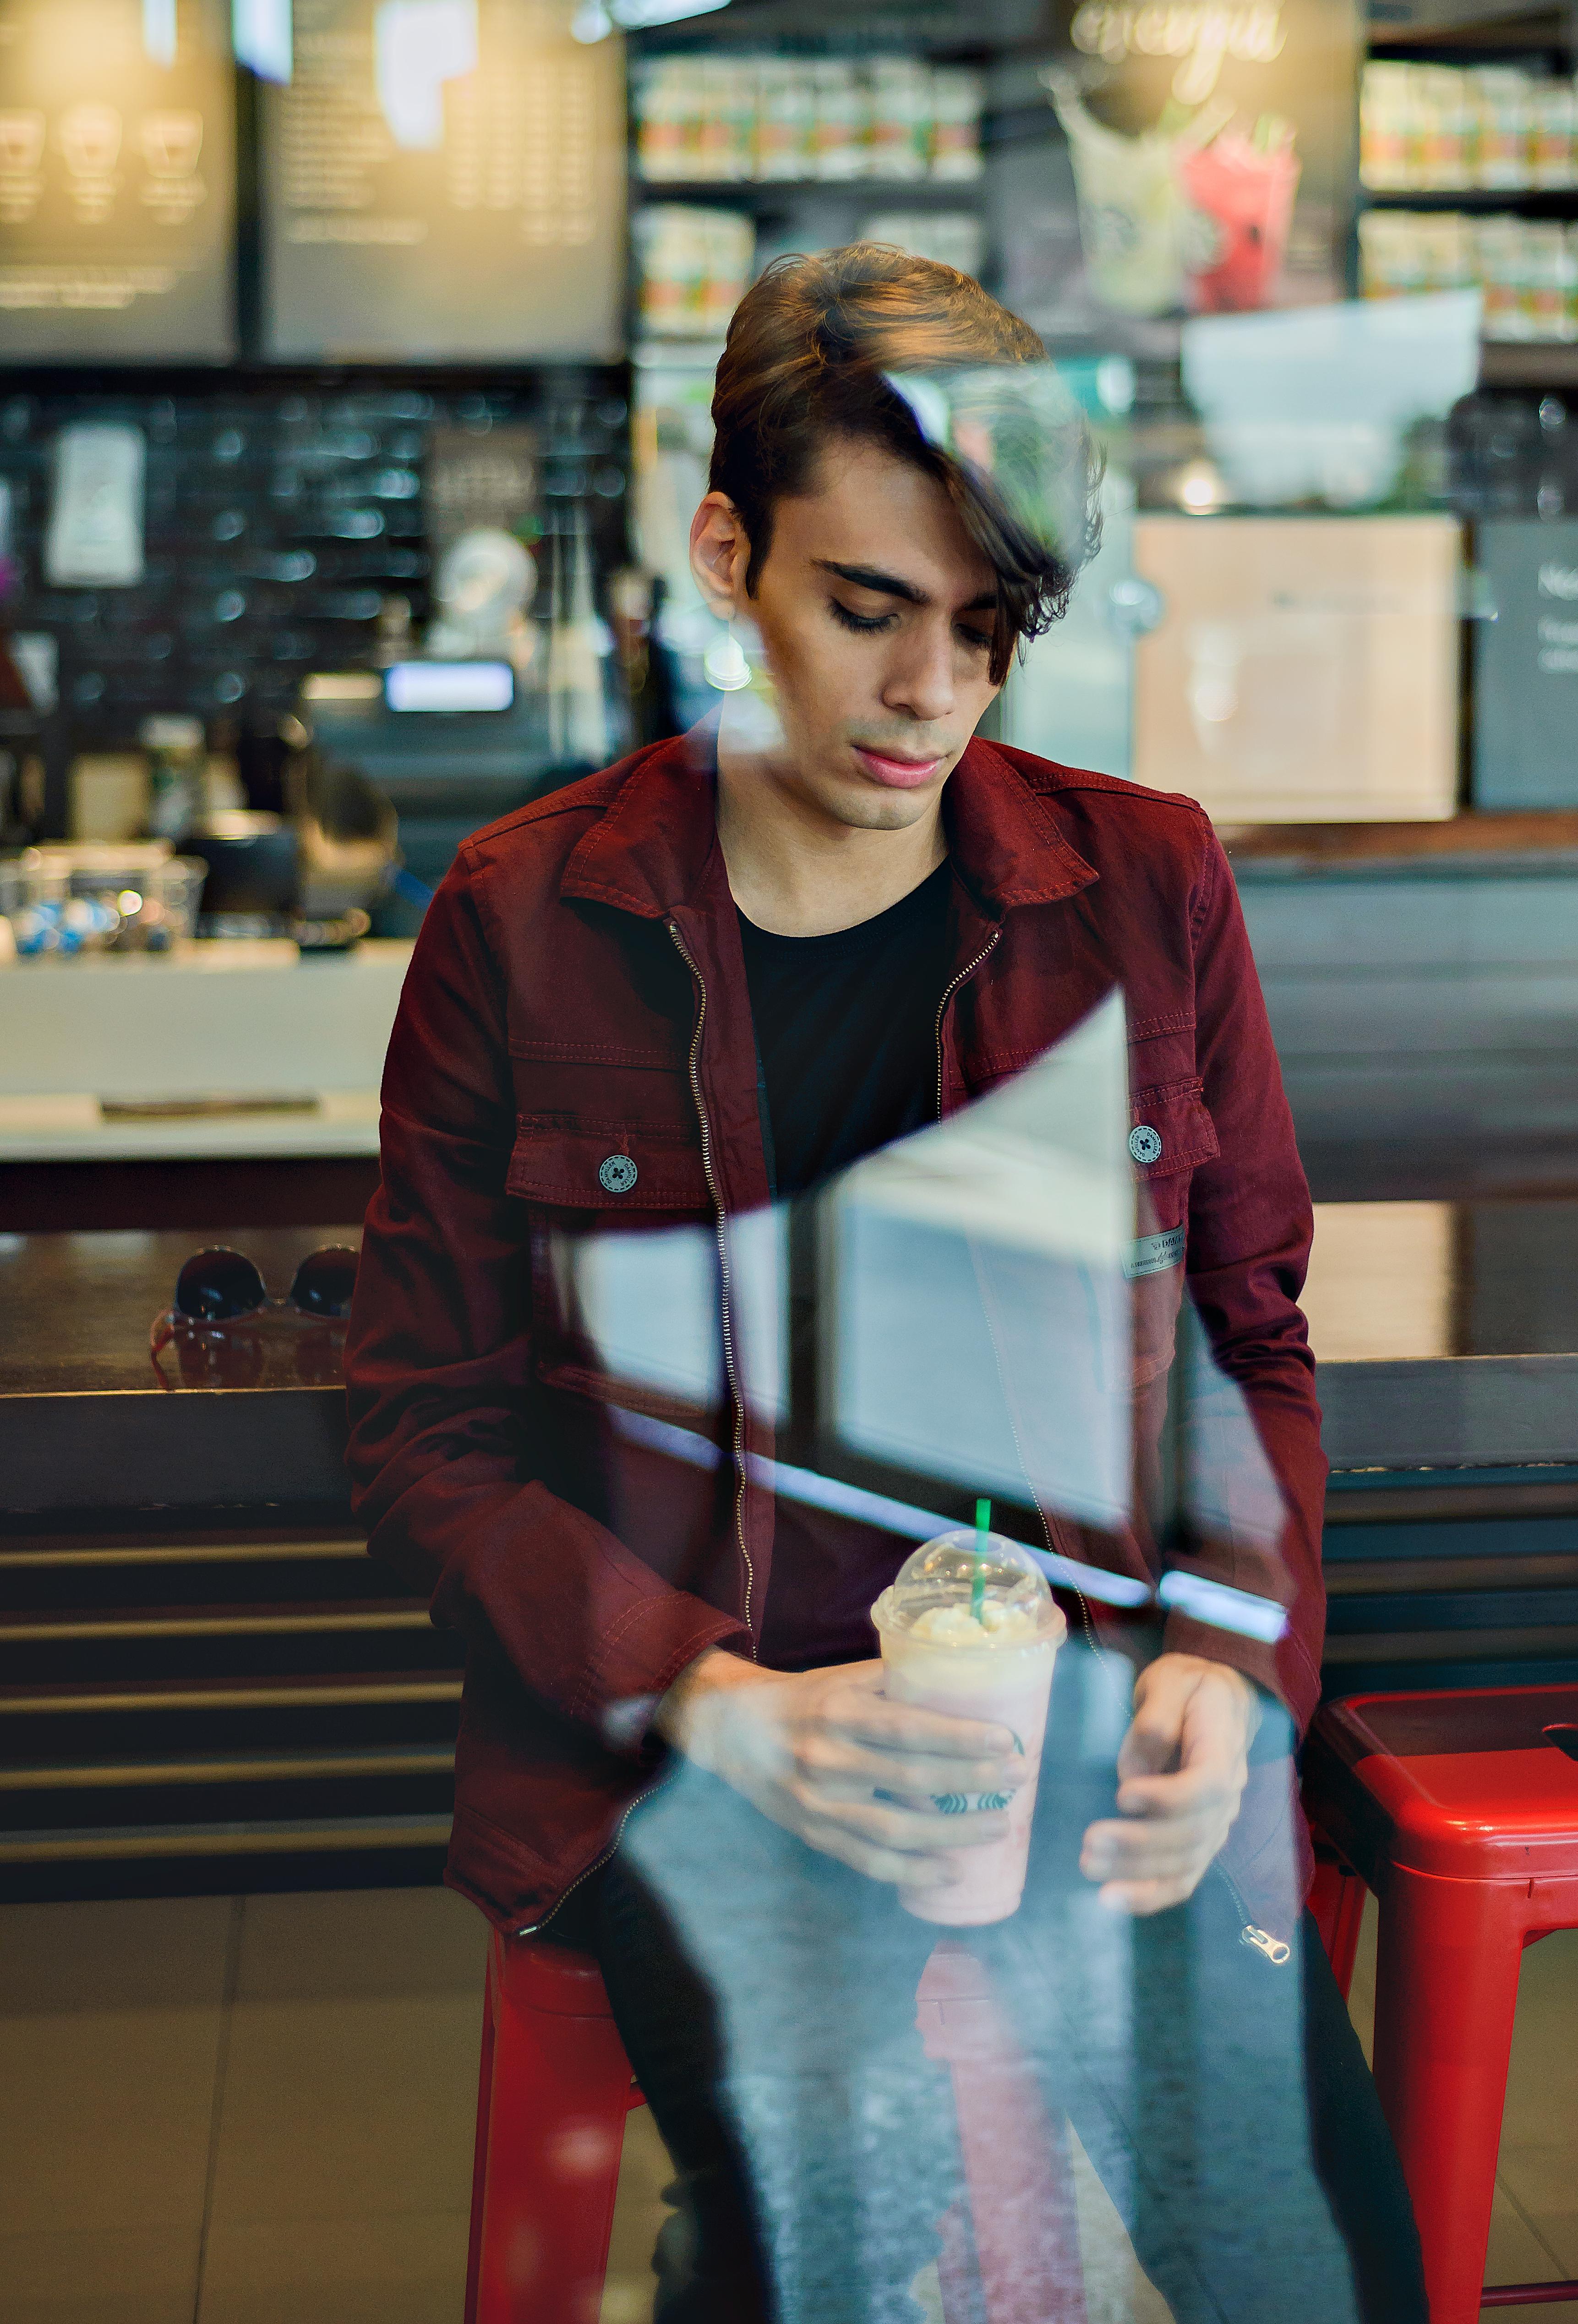 alex cursino, blogueiro de moda, blog de moda masculina, digital influencer, youtuber de moda, jaqueta masculina, dicas de moda, looks masculinos 2017, menswear, style, tendencia masculina 2017 (7)